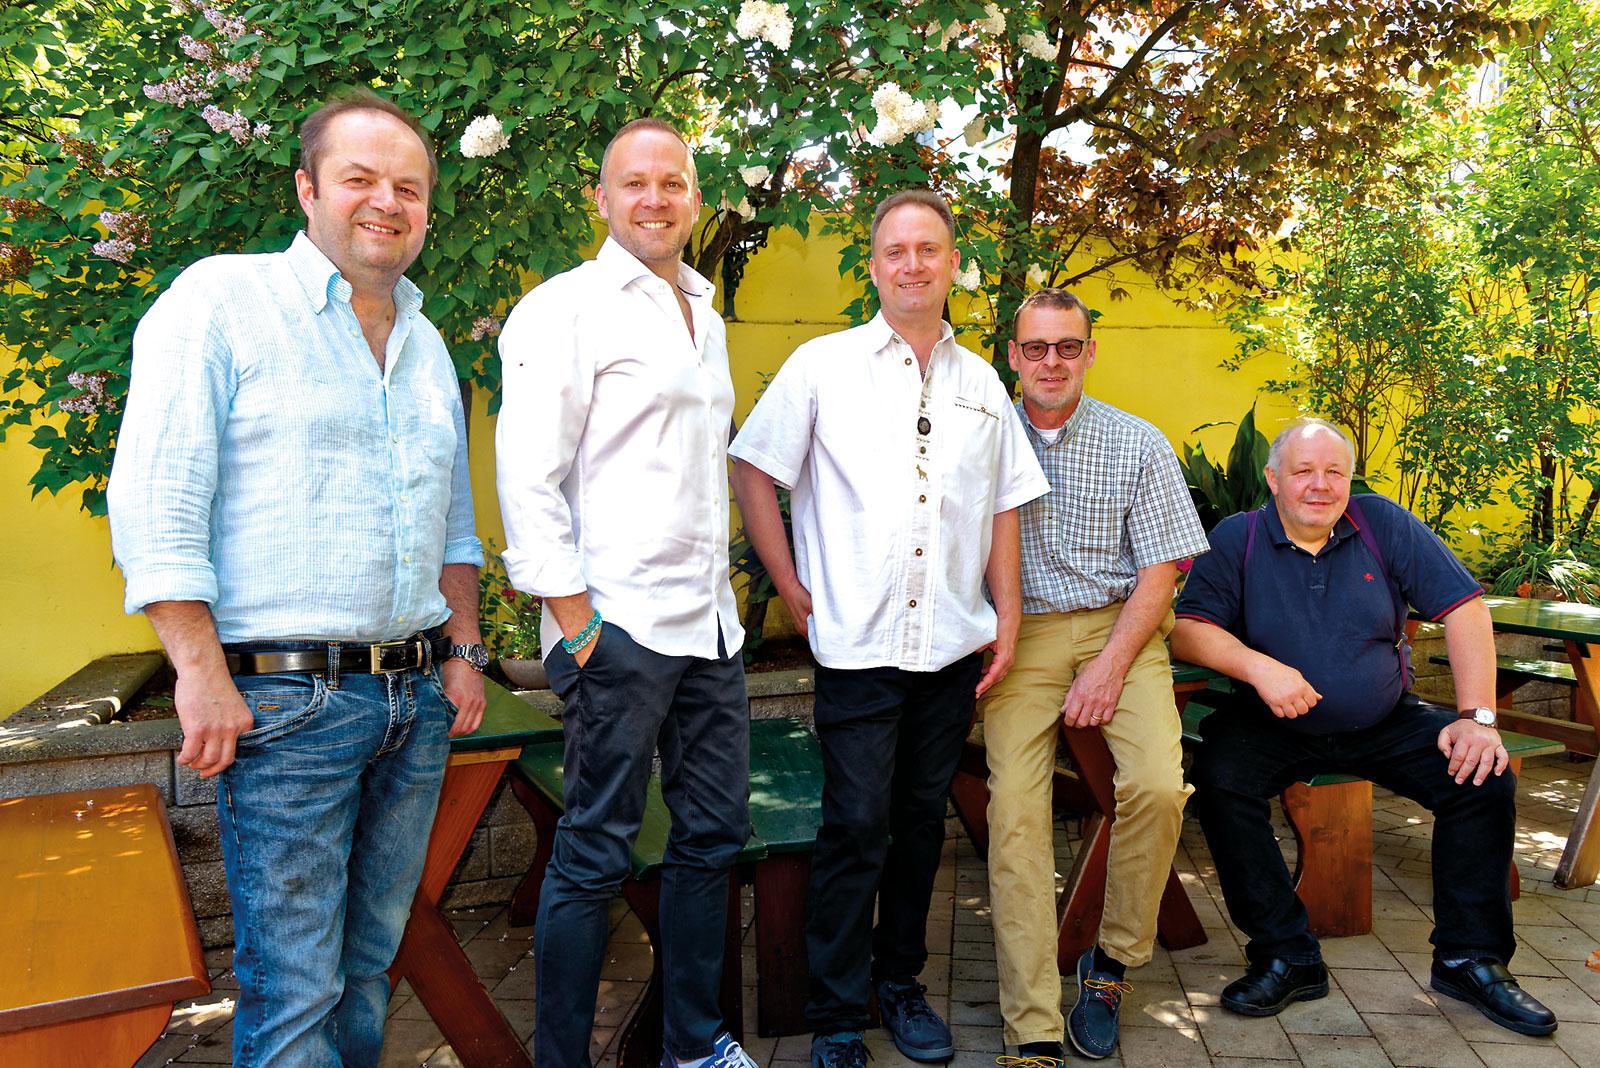 J5-Winzer: K. Lentner, Christ, R. Lentner, Fuchs & Bernreiter. Bild: Foto: ICW-J5 / IWECE.